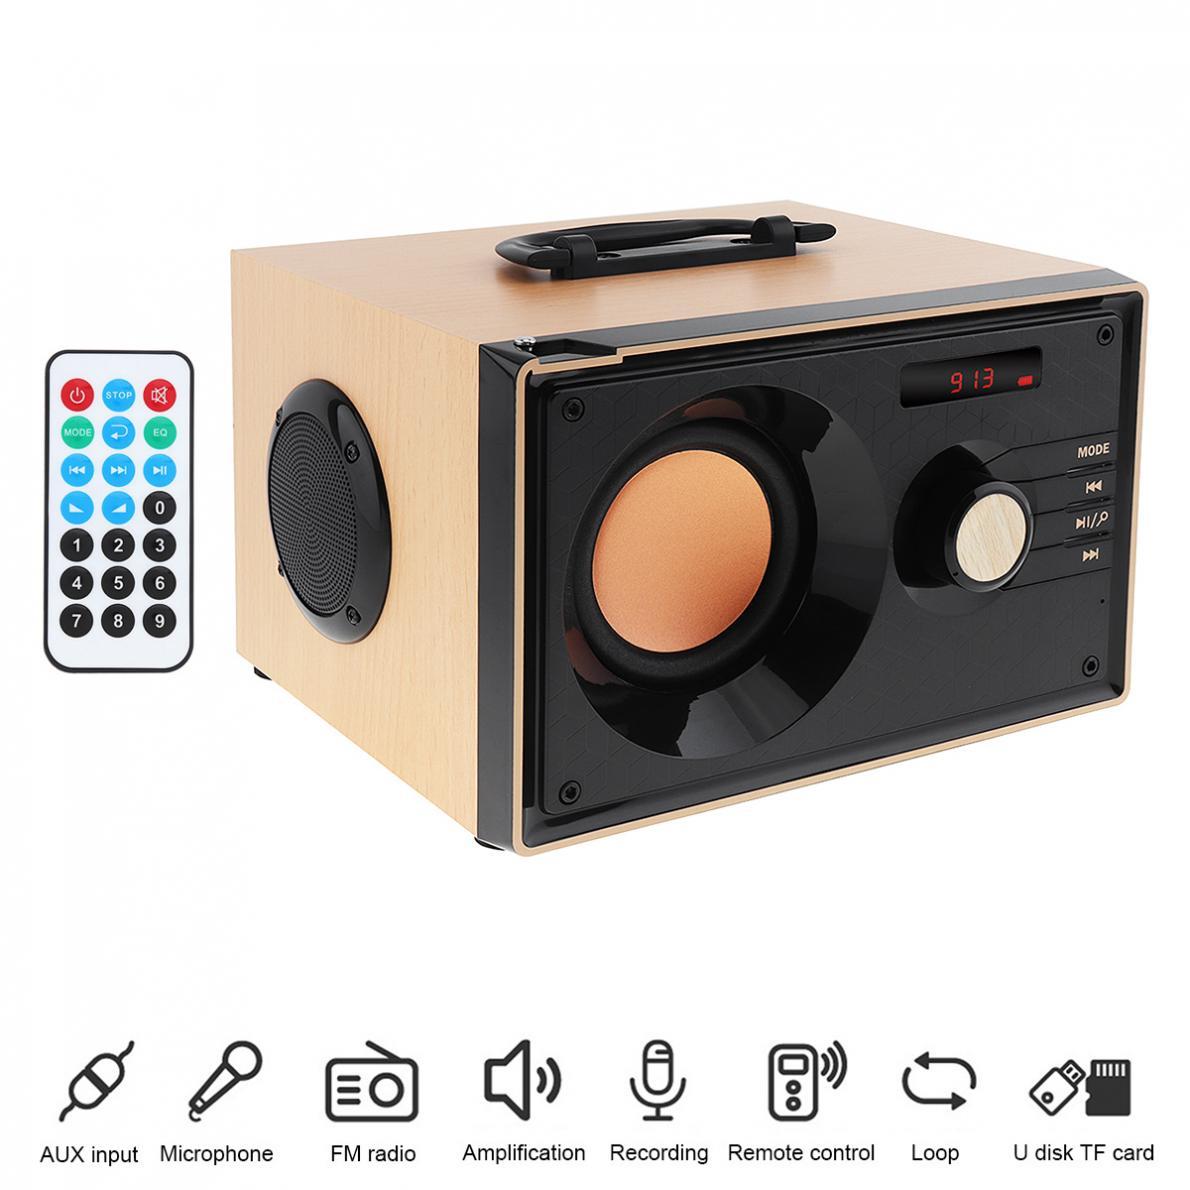 Home Theater inalámbrico de madera estéreo envolvente Bass Gun Bluetooth altavoz soporte TF tarjeta U disco FM Entrada auxiliar para teléfonos inteligentes PC